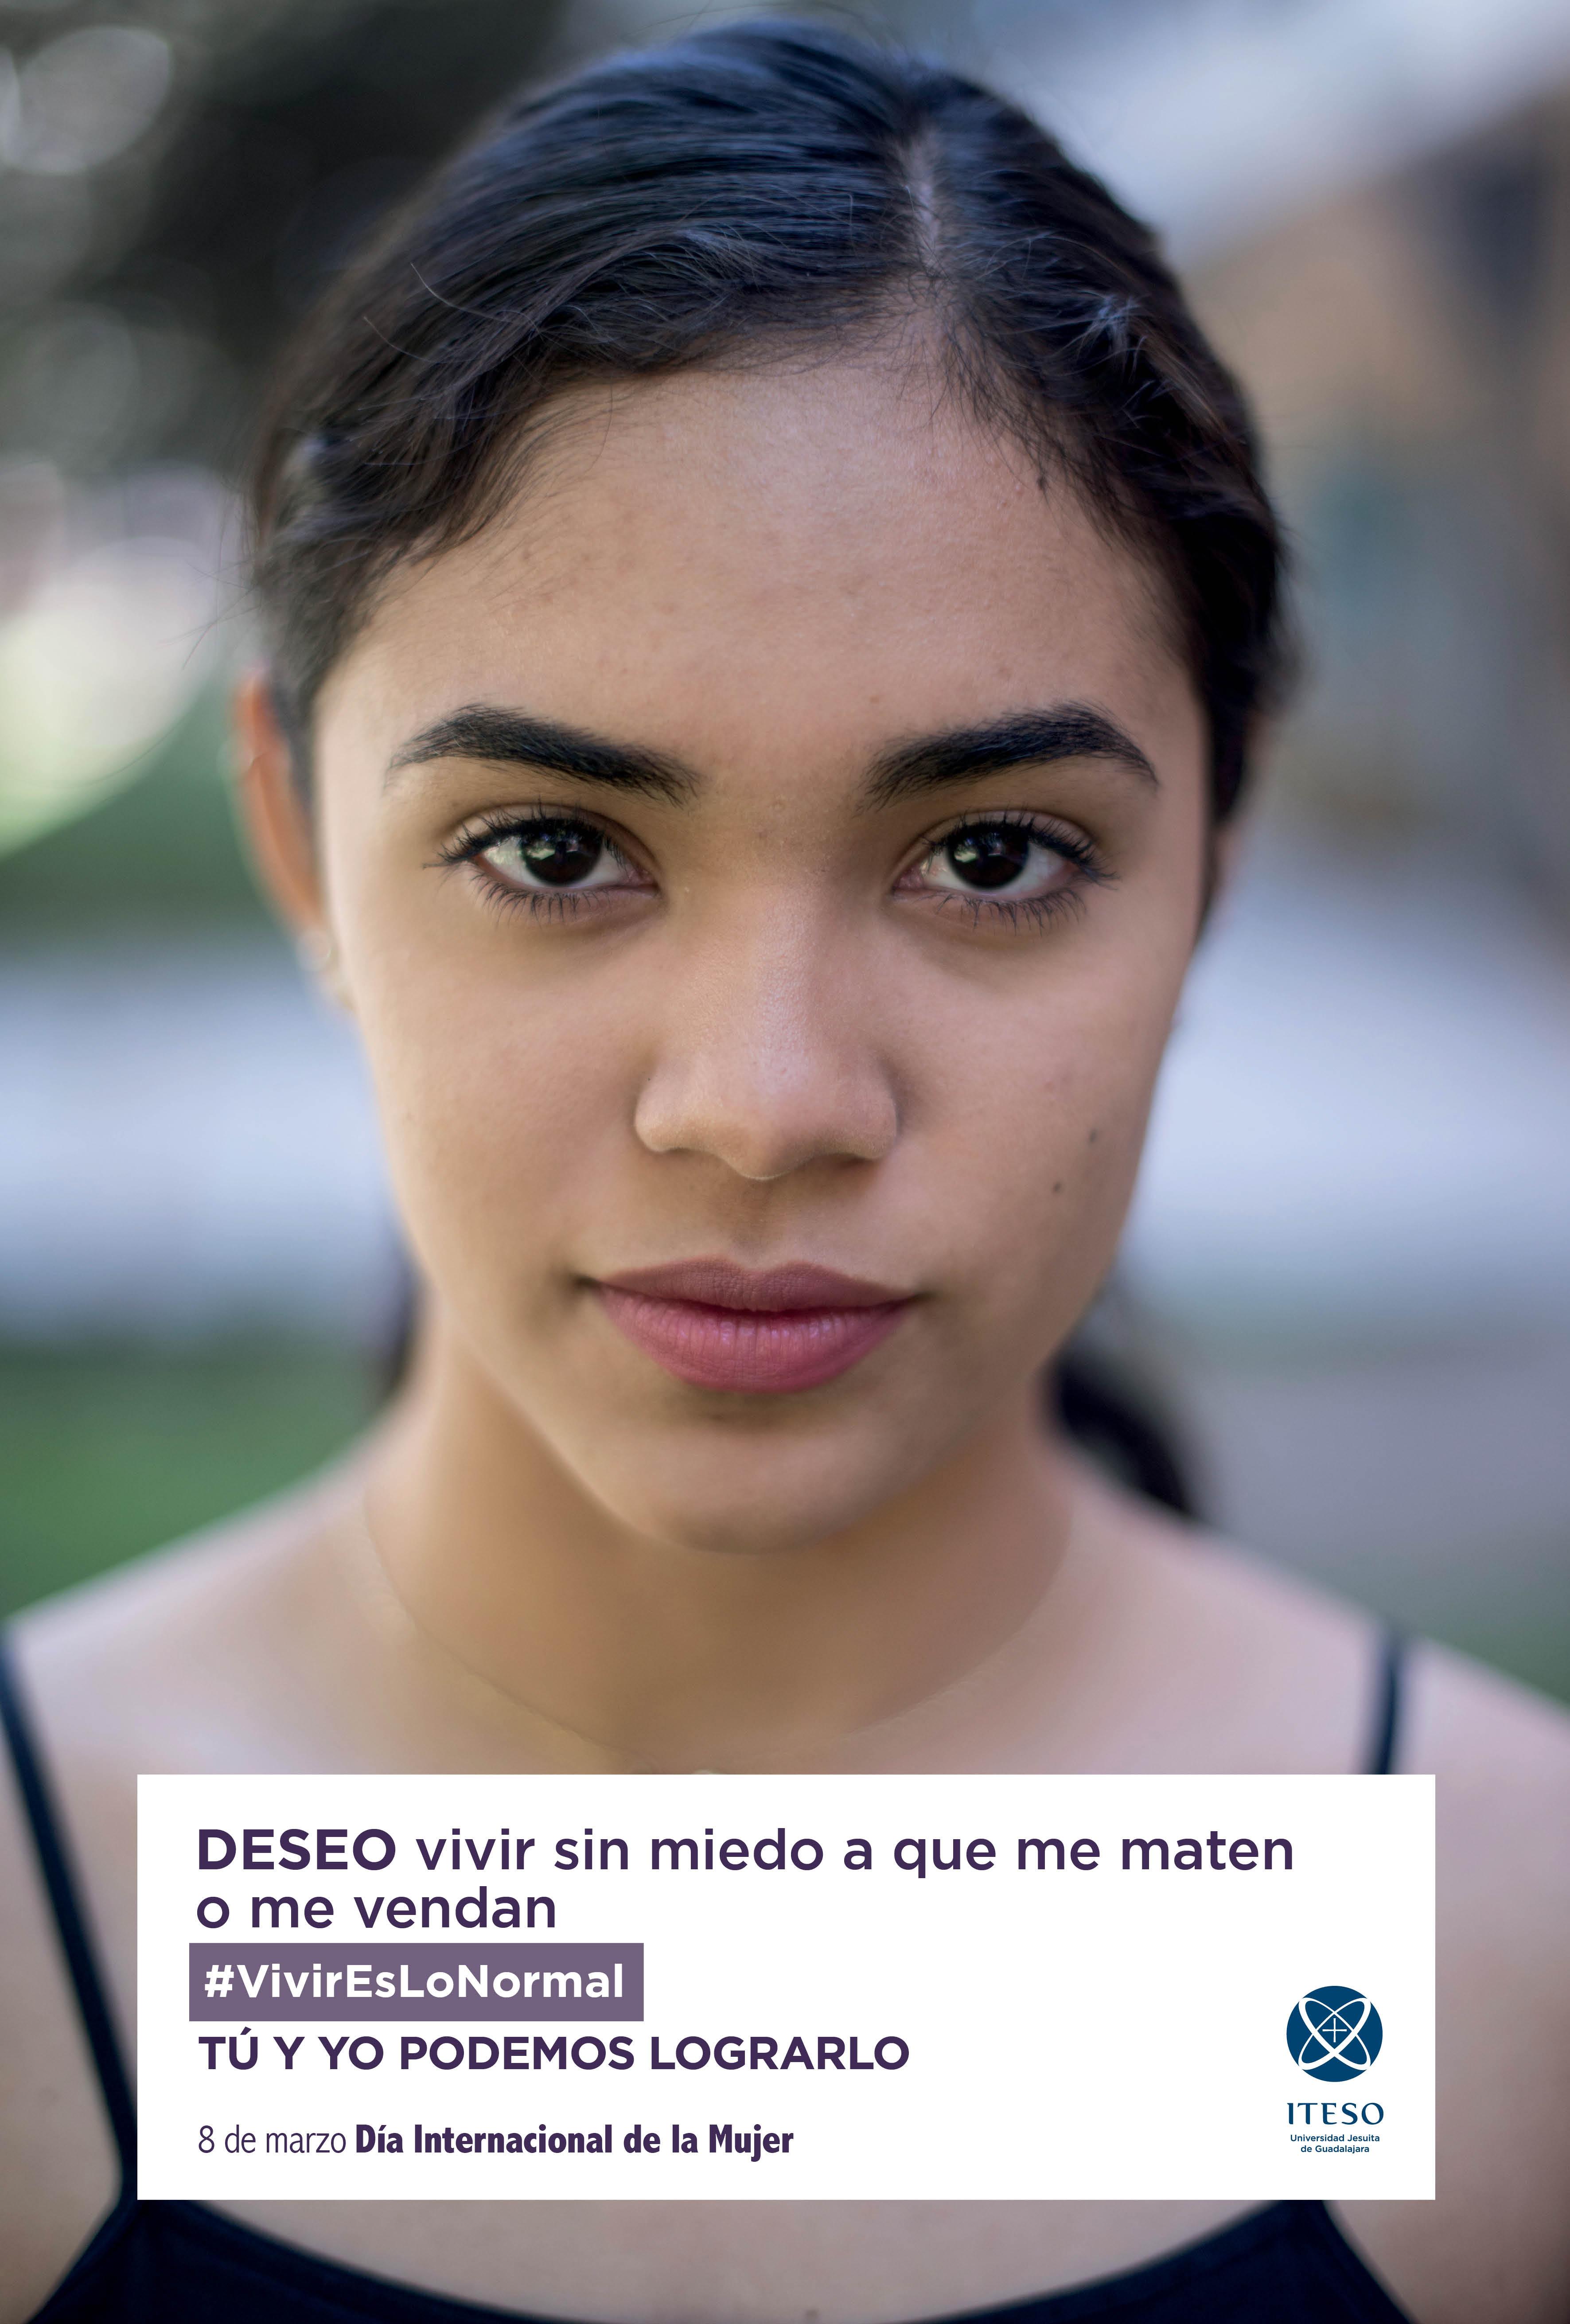 #RespetoEsLoNormal: Día Internacional de la Mujer